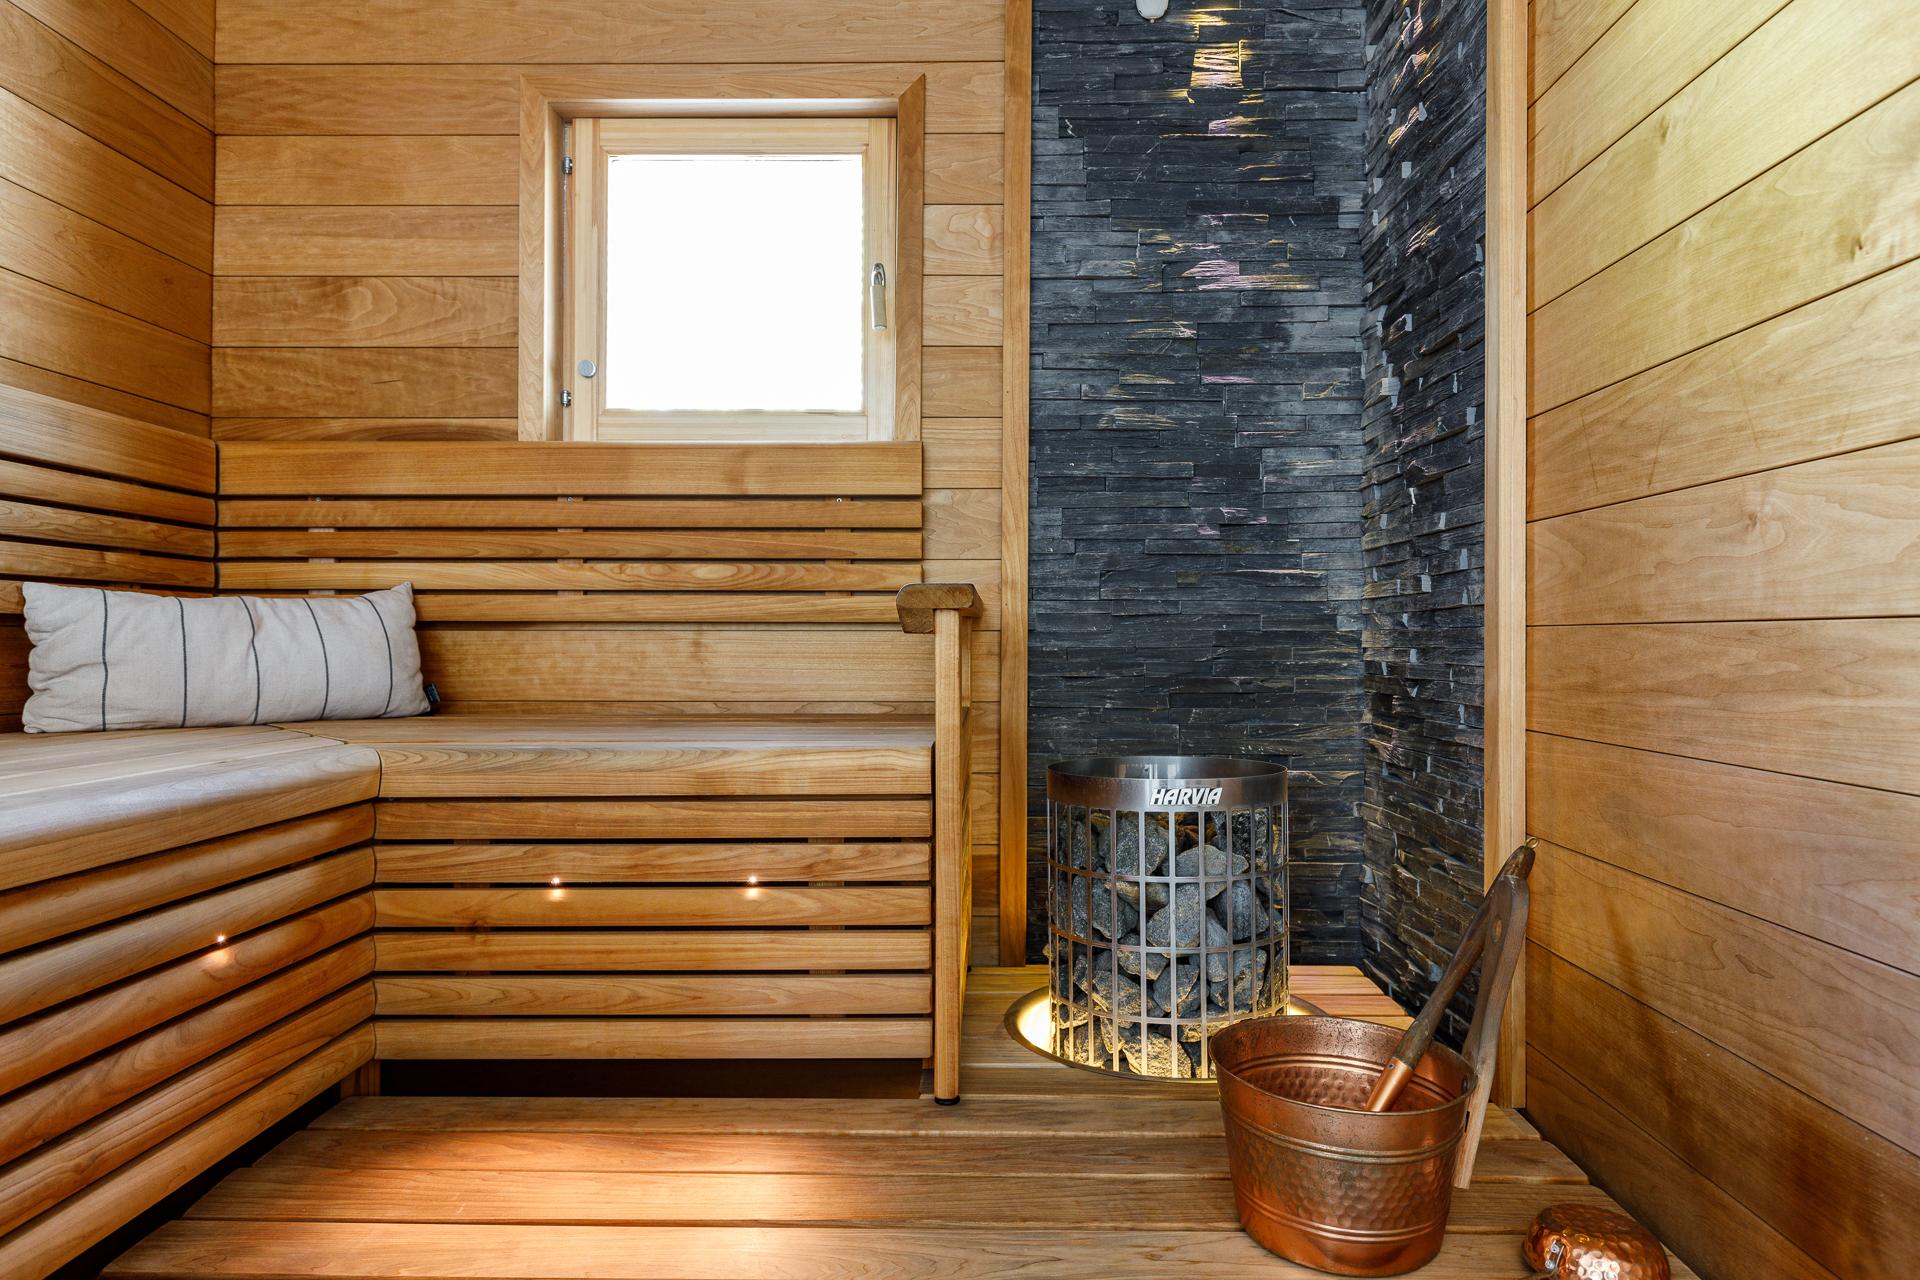 Asuntokuvaus oulu sauna